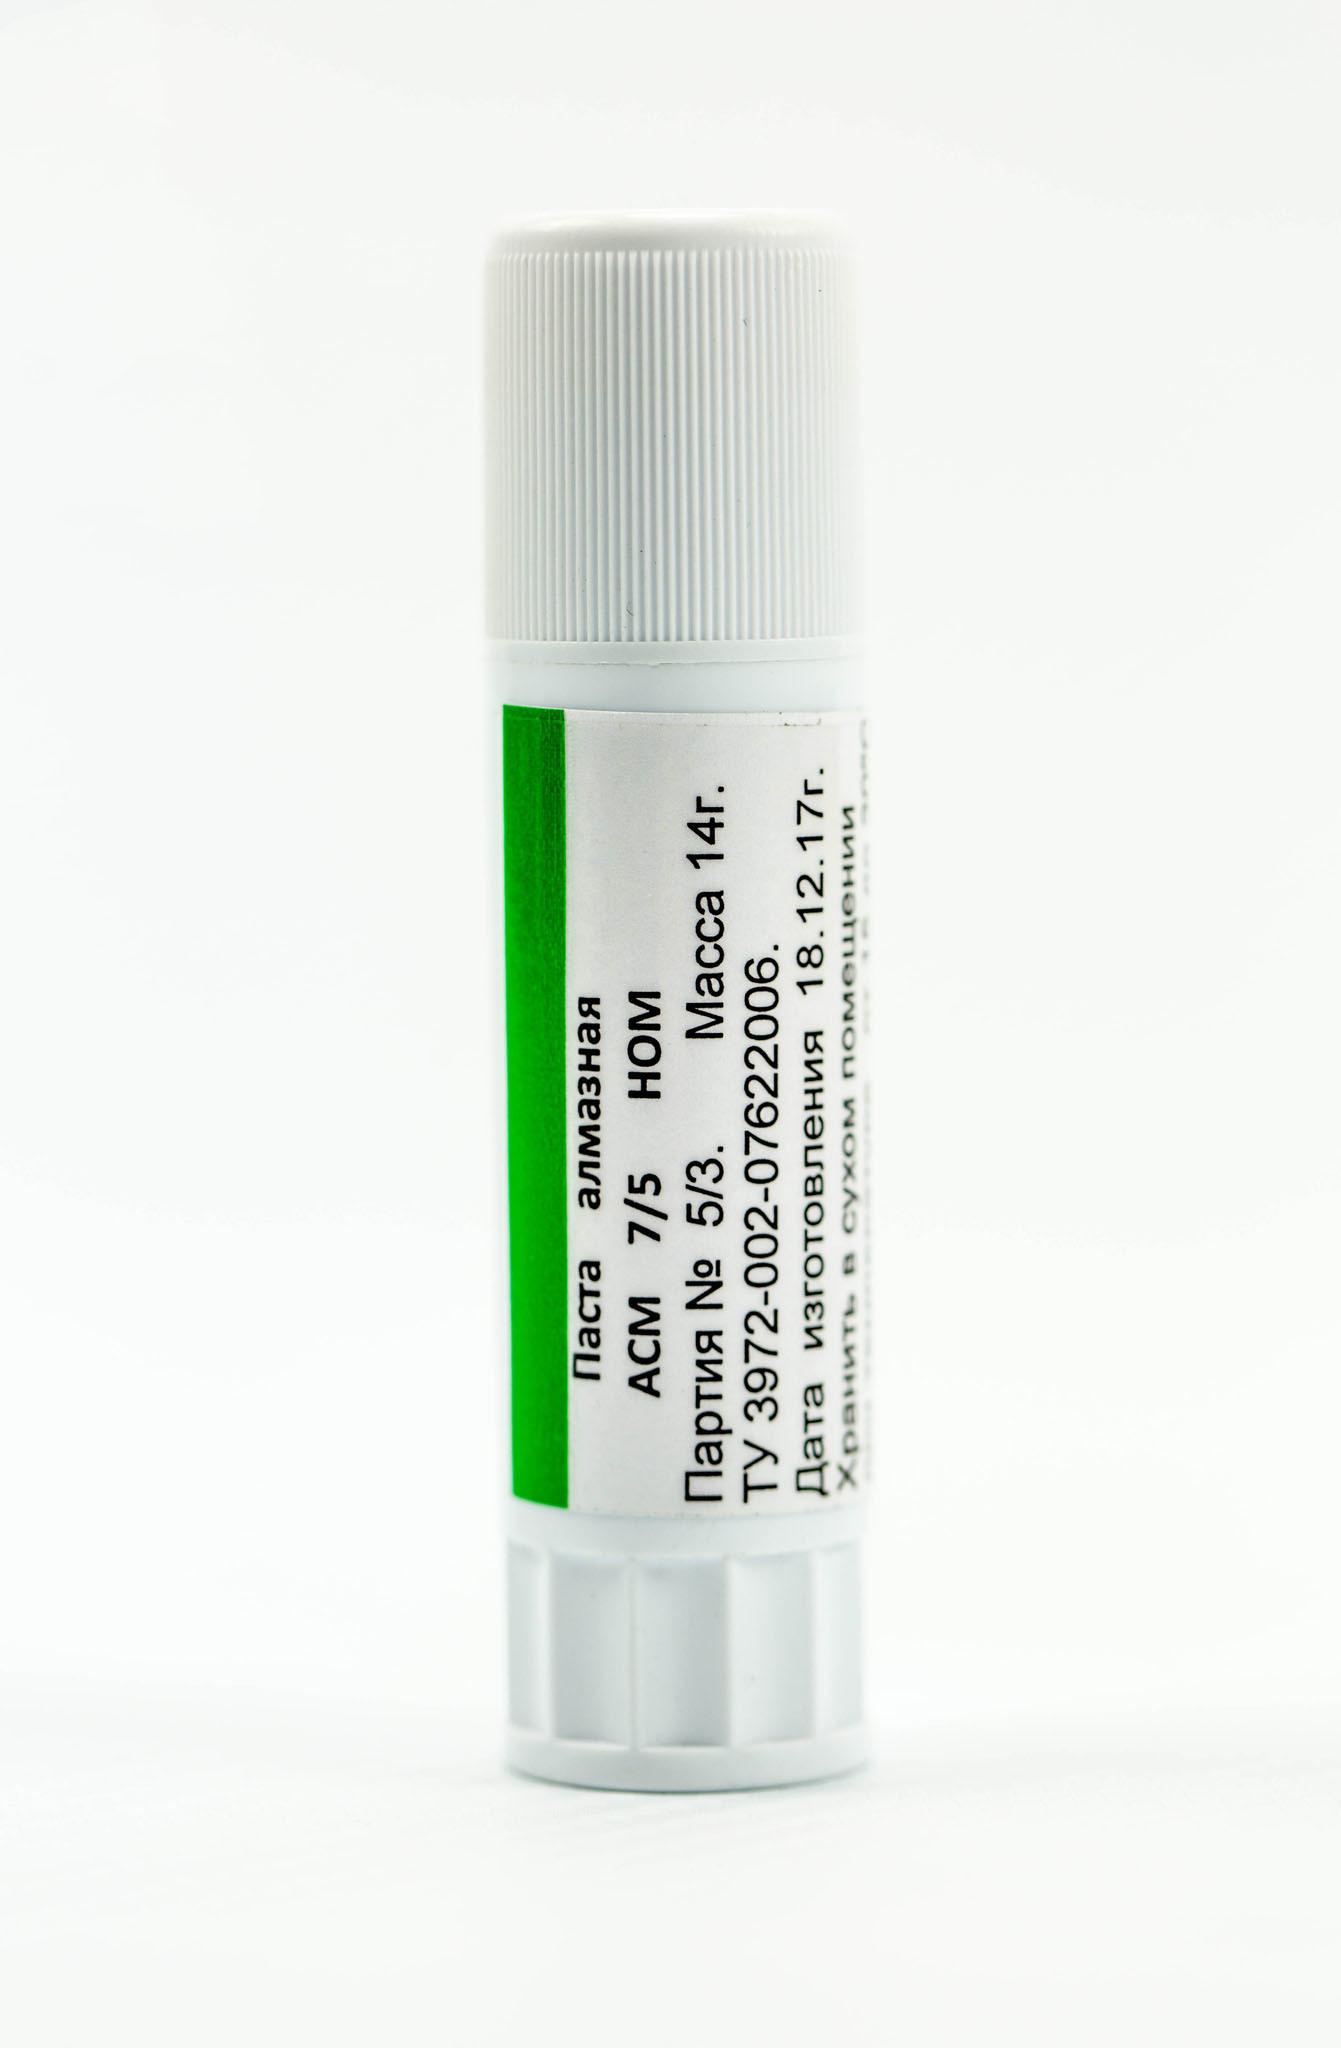 Алмазная паста HOM ACM 7/5, 14 гр. от Веневский  завод алмазных инструментов